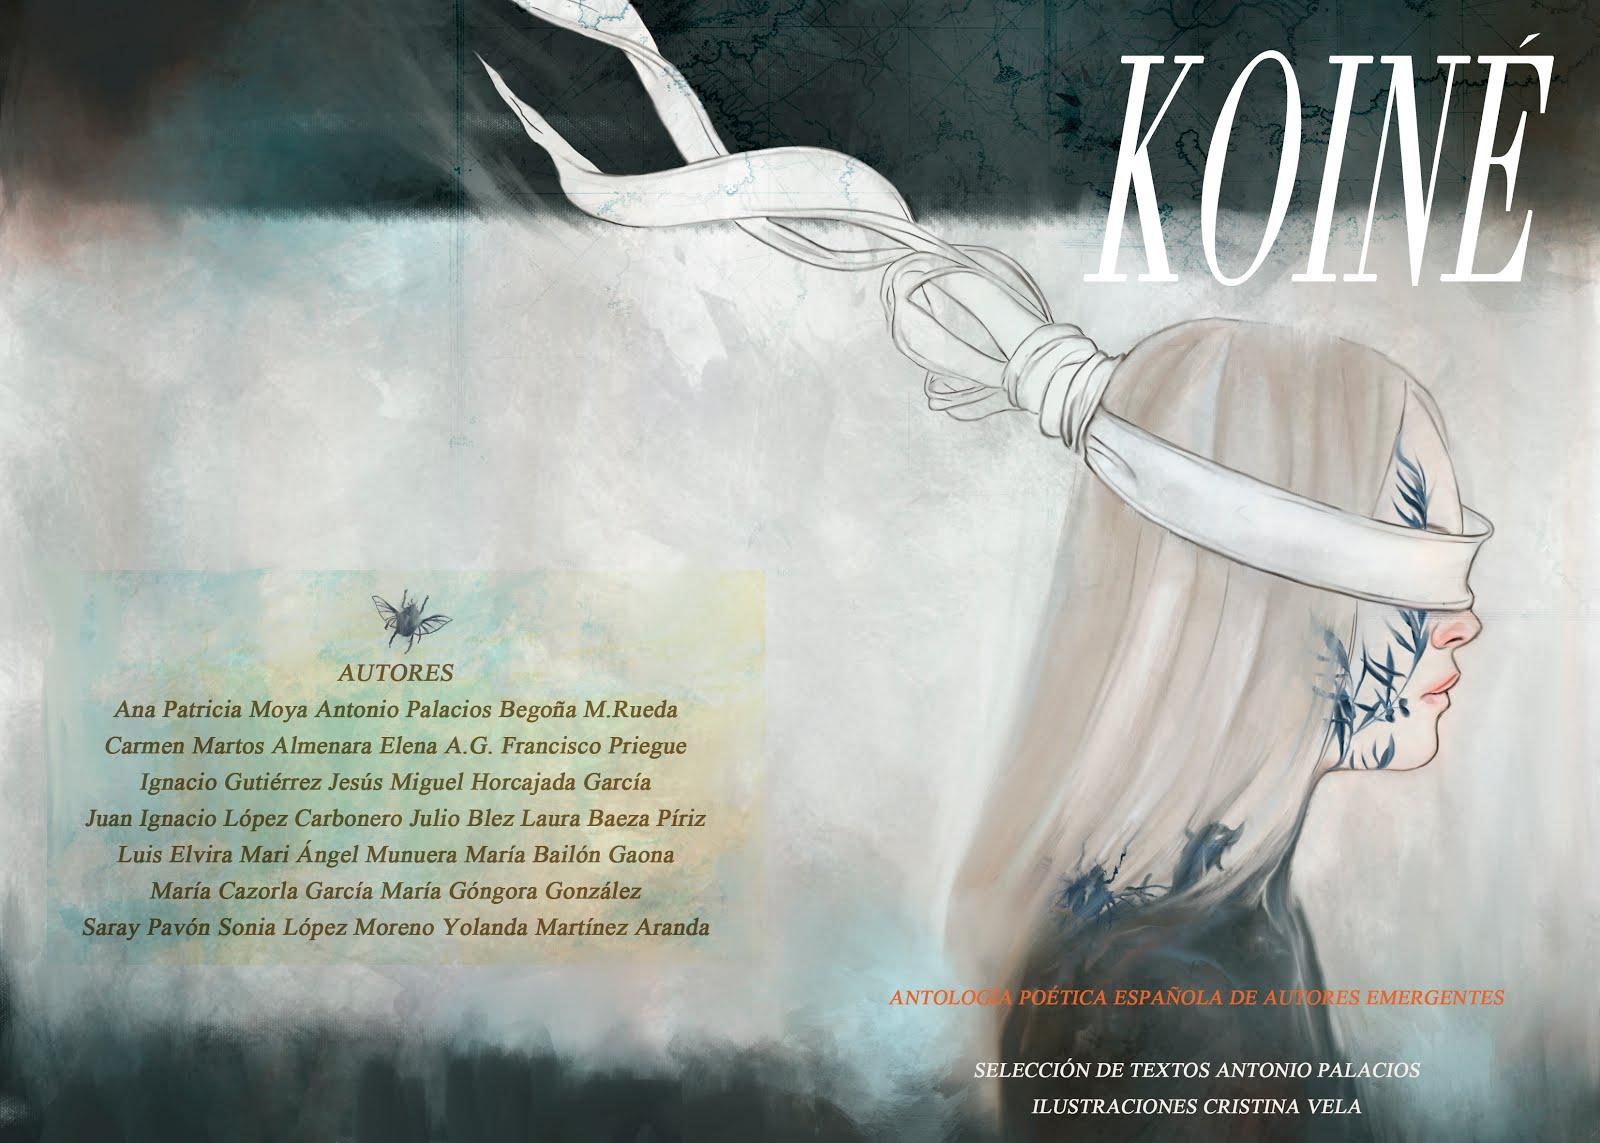 Koiné. Antología poética española de autores emergentes